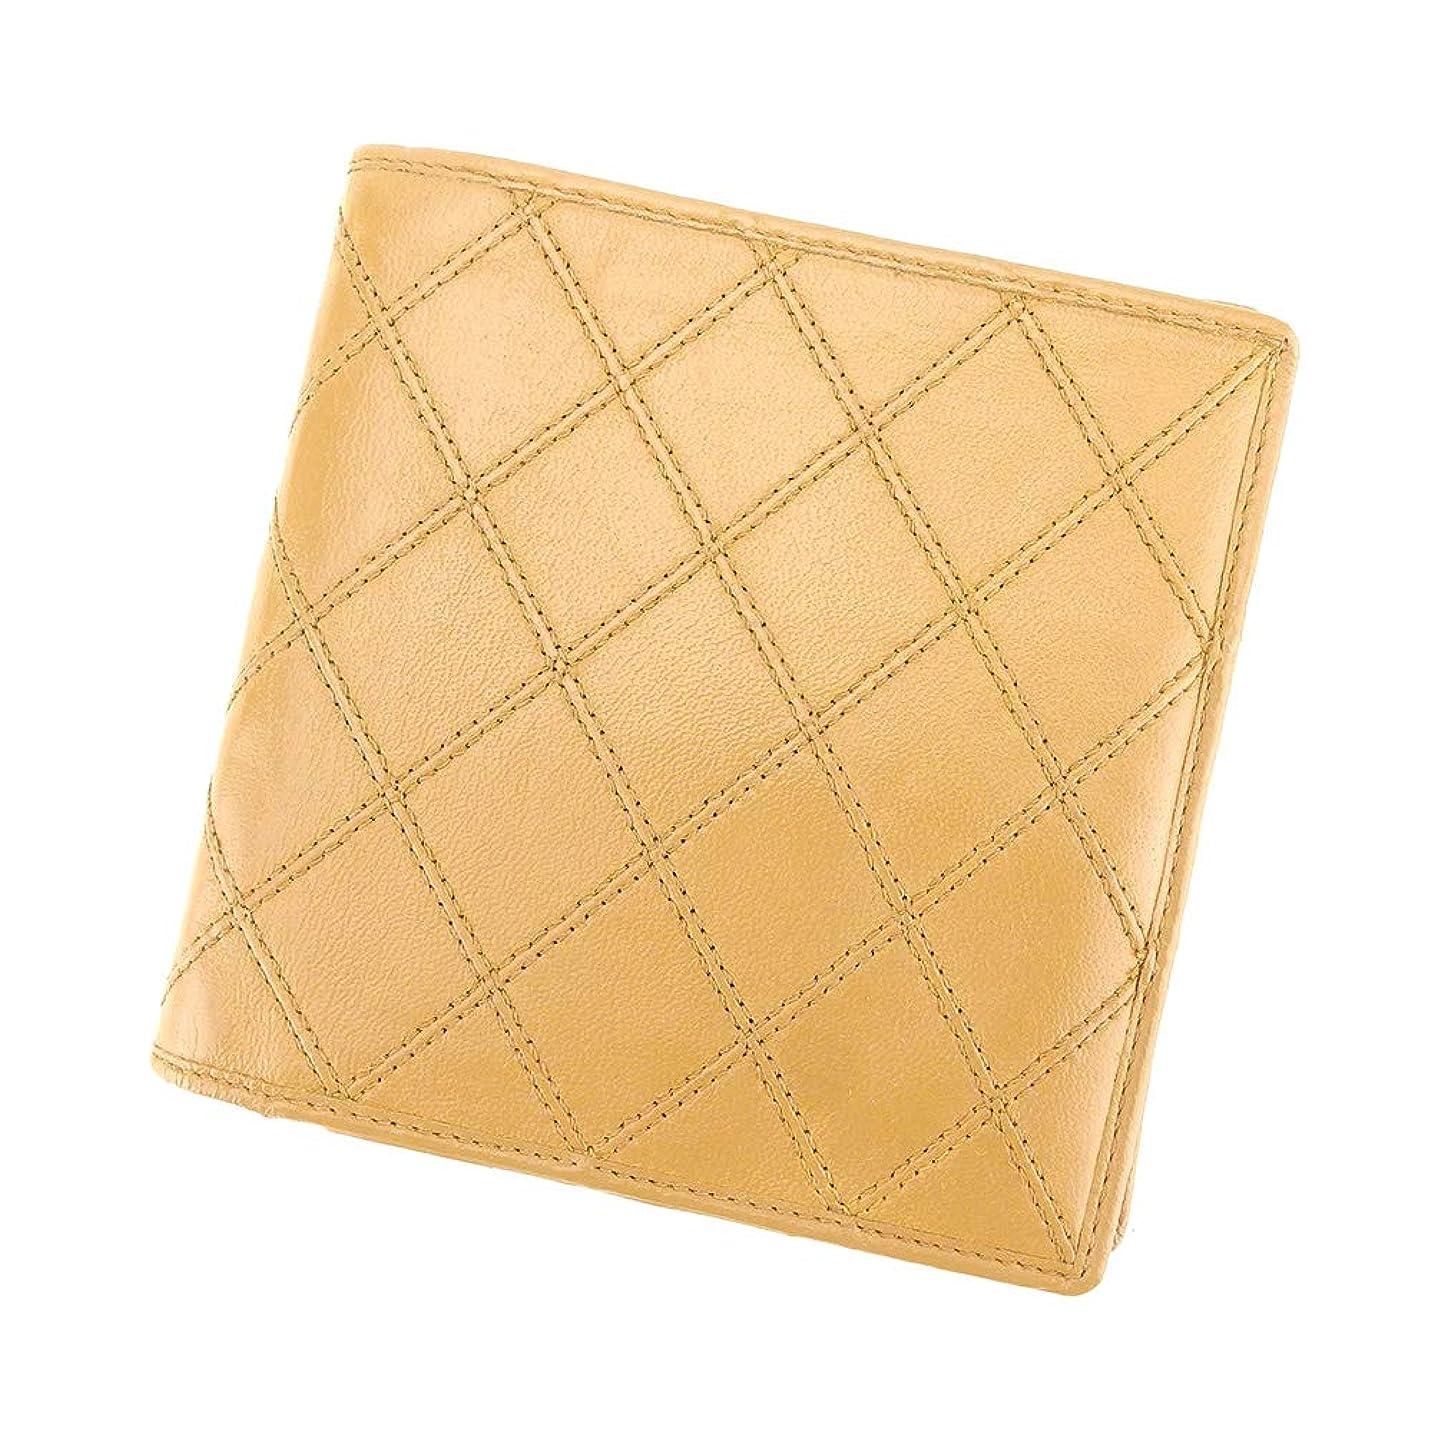 空スイ汚い[シャネル] CHANEL 二つ折り 財布 財布 レディース メンズ ビコローレ 中古 T9265